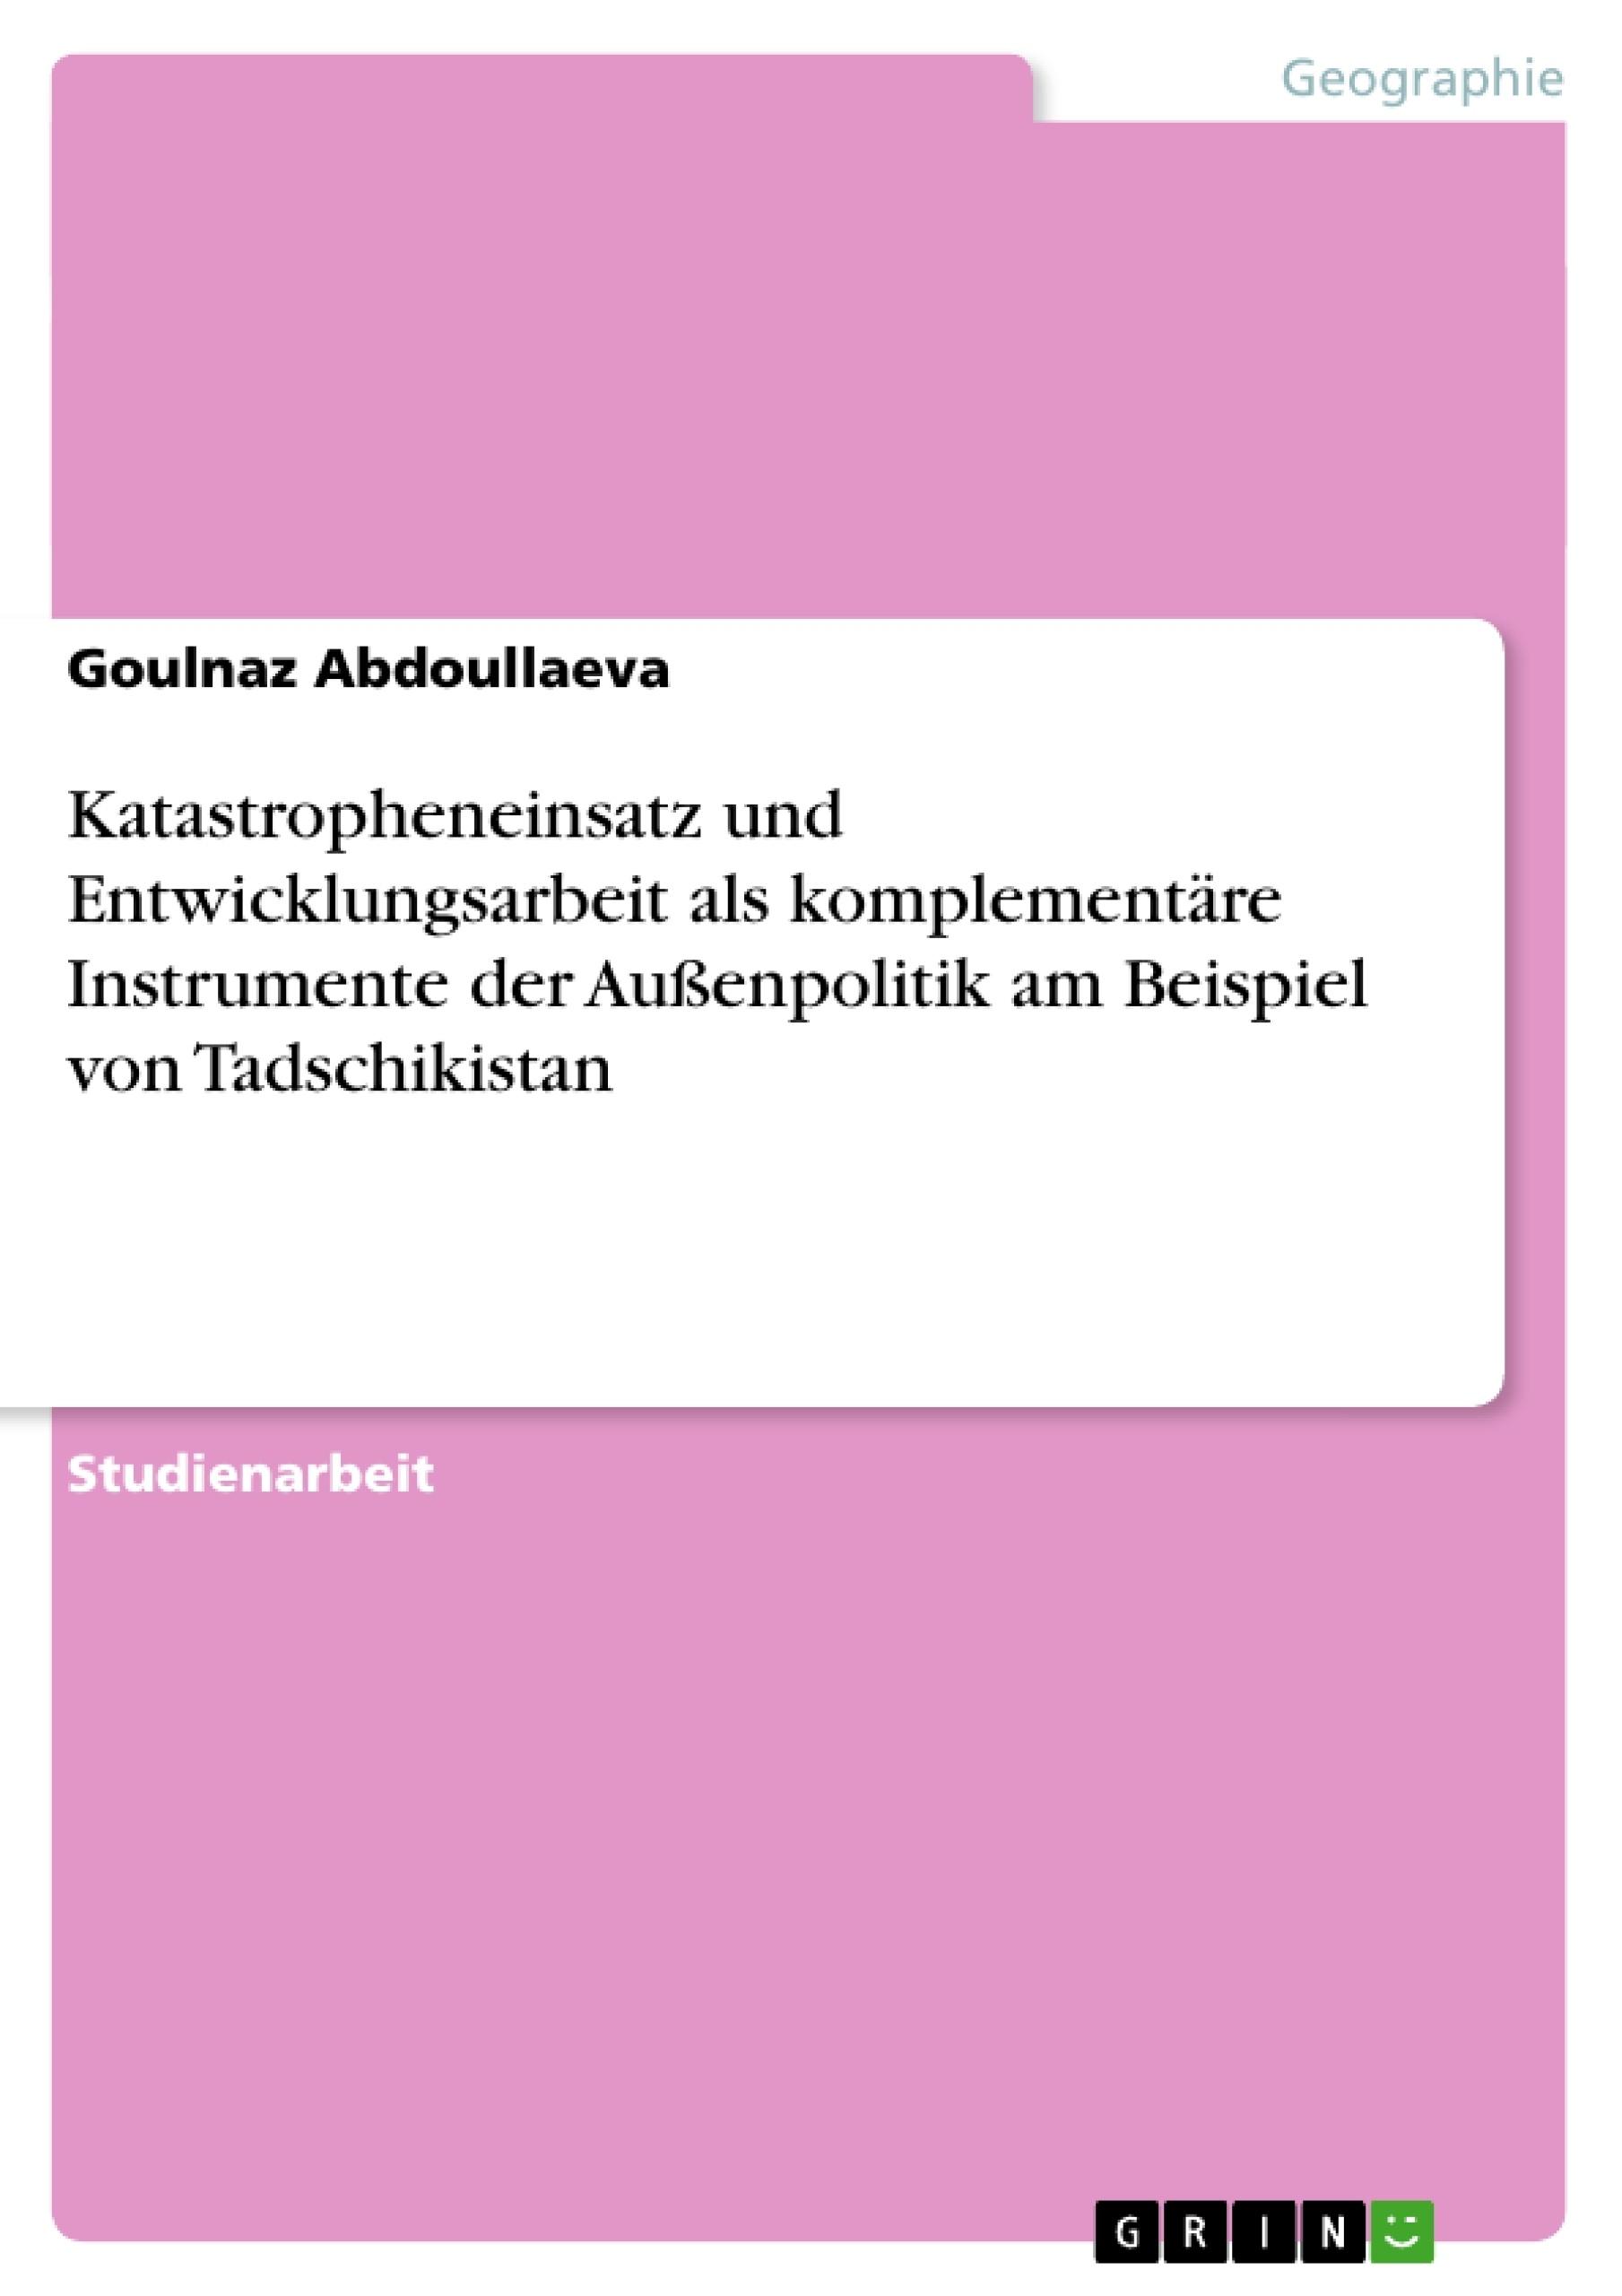 Titel: Katastropheneinsatz und Entwicklungsarbeit als komplementäre Instrumente der Außenpolitik am Beispiel von Tadschikistan